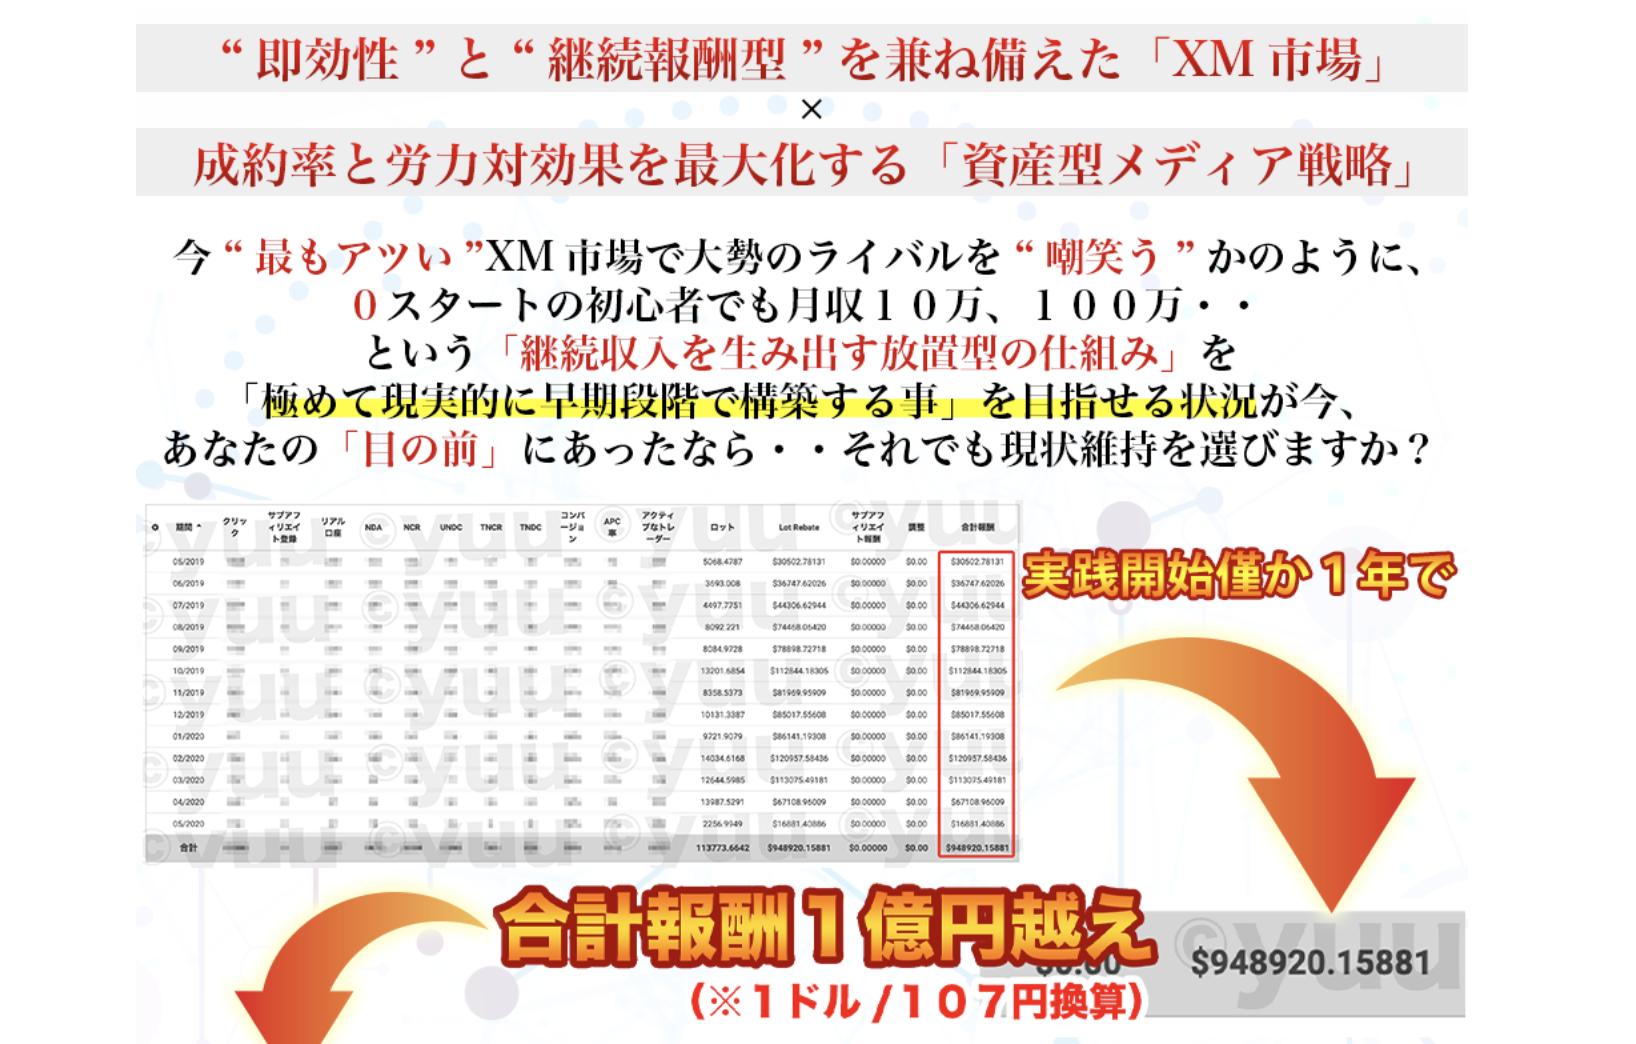 【不労収入?】yuuさんのXMアフィリエイト攻略プロジェクトを初心者向けに解説してみた。